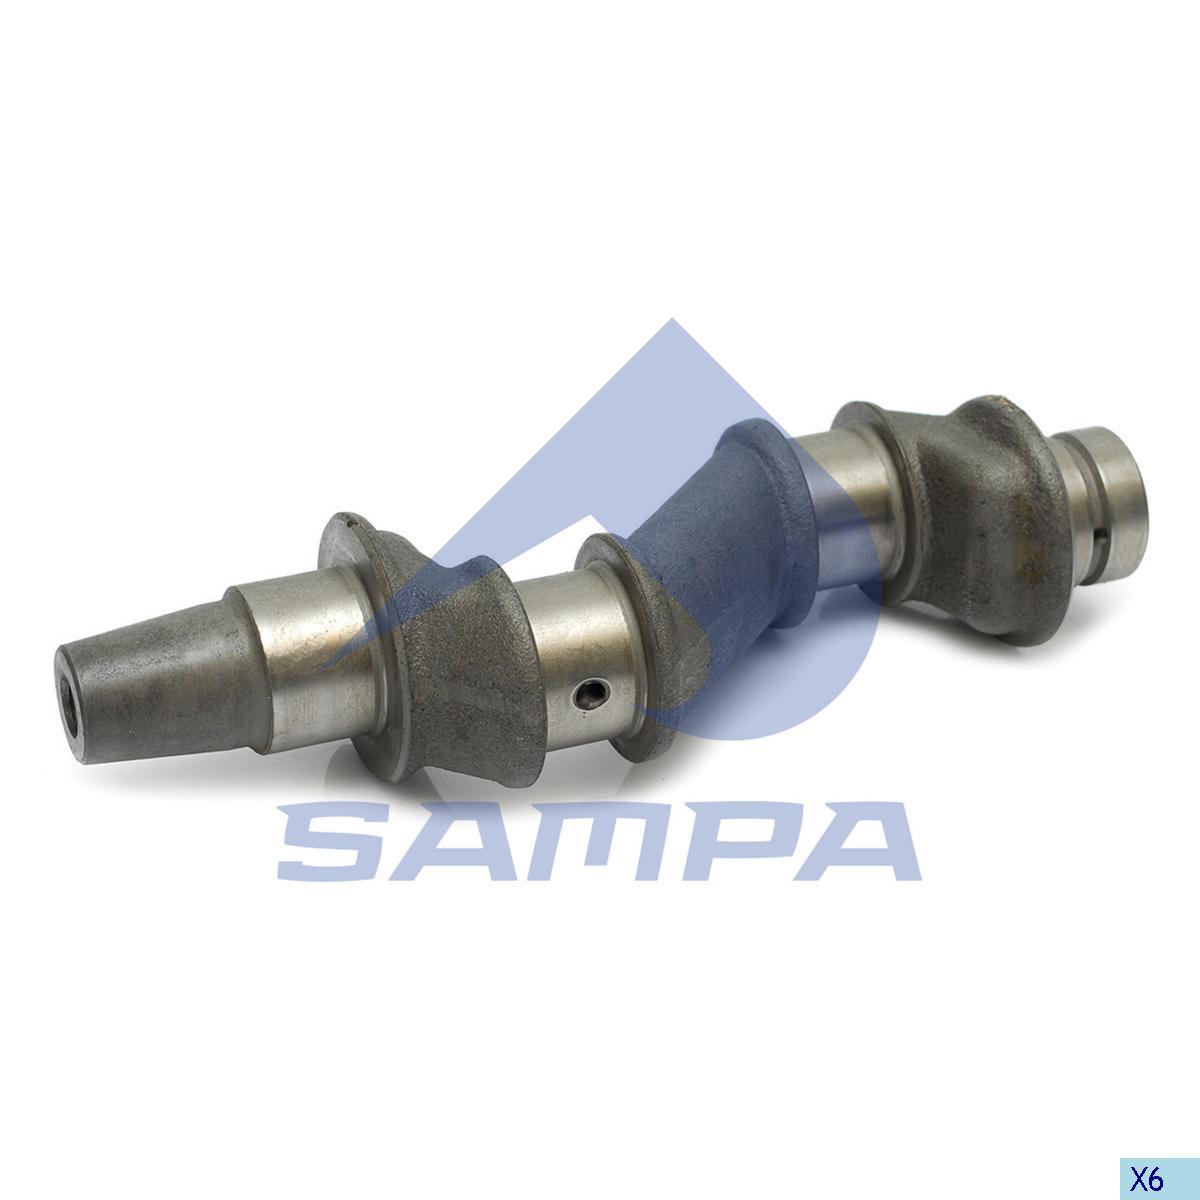 Crank Shaft, Cylinder Block, Daf, Compressed Air System